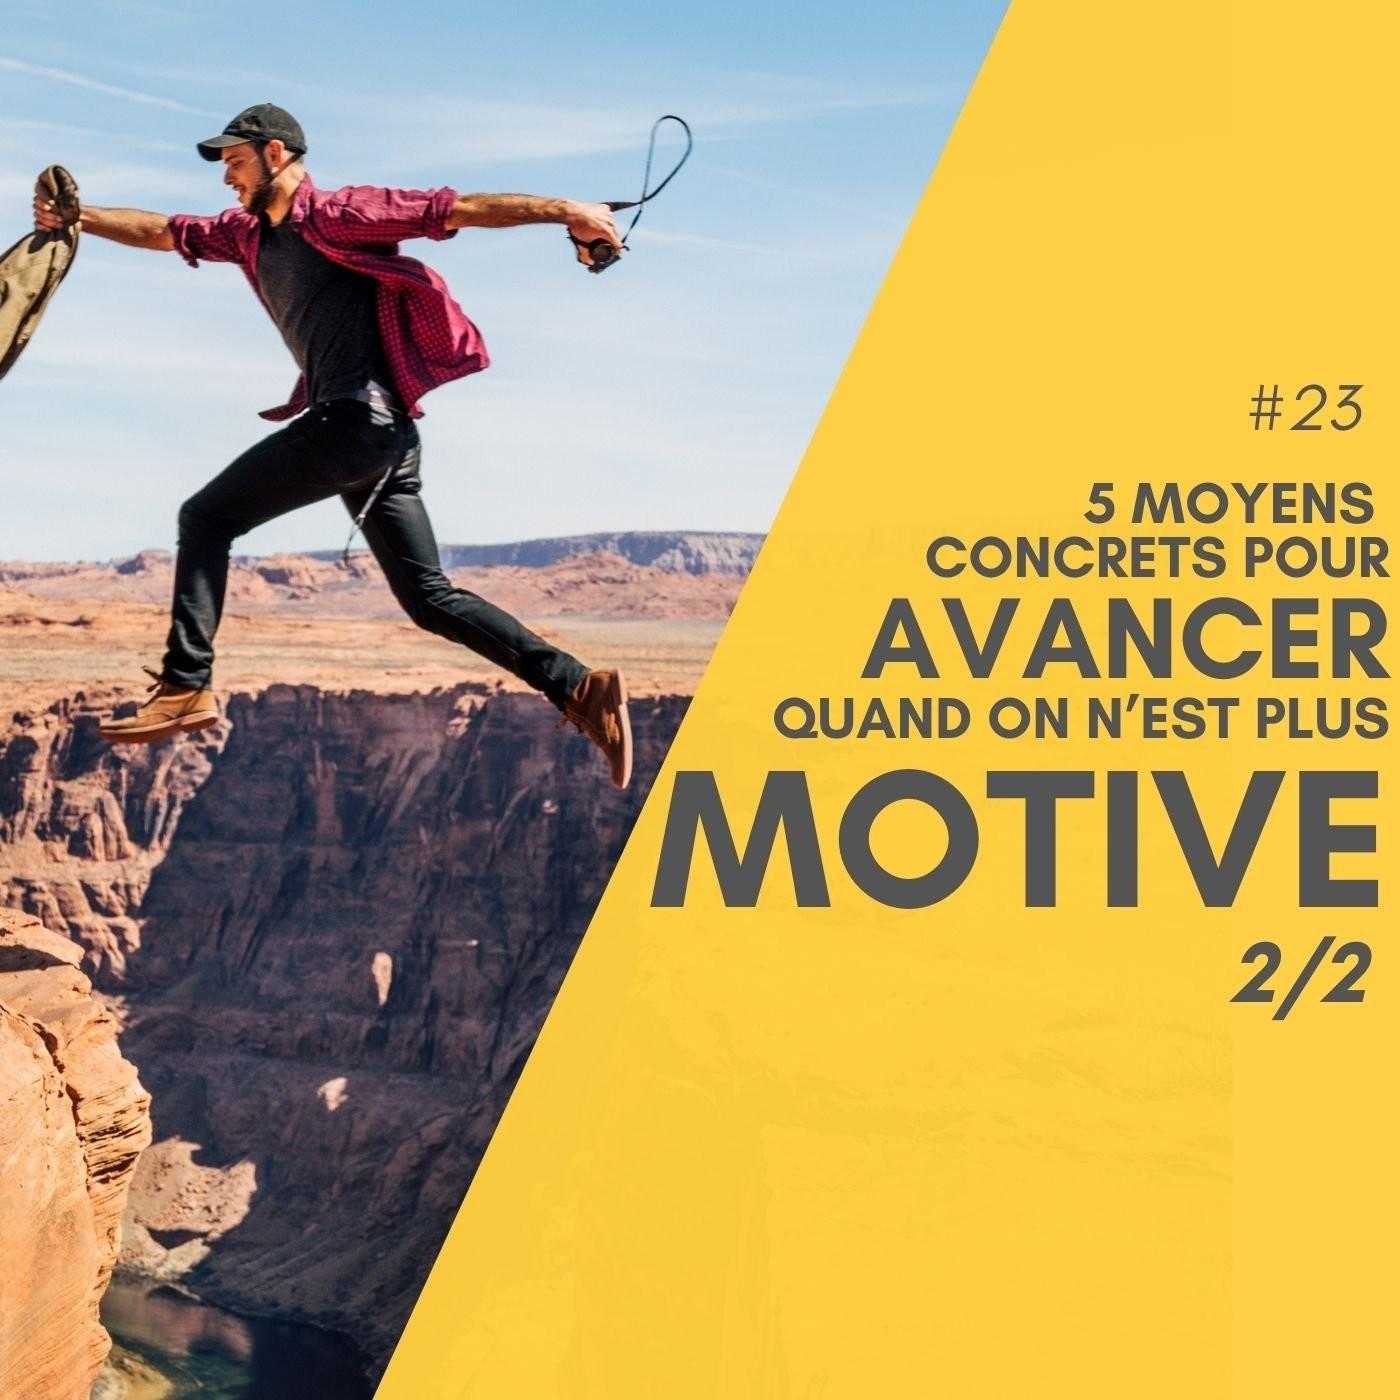 #23 Tuto - 5 moyens concrets pour avancer quand on n'est plus motivé(e) 2/2